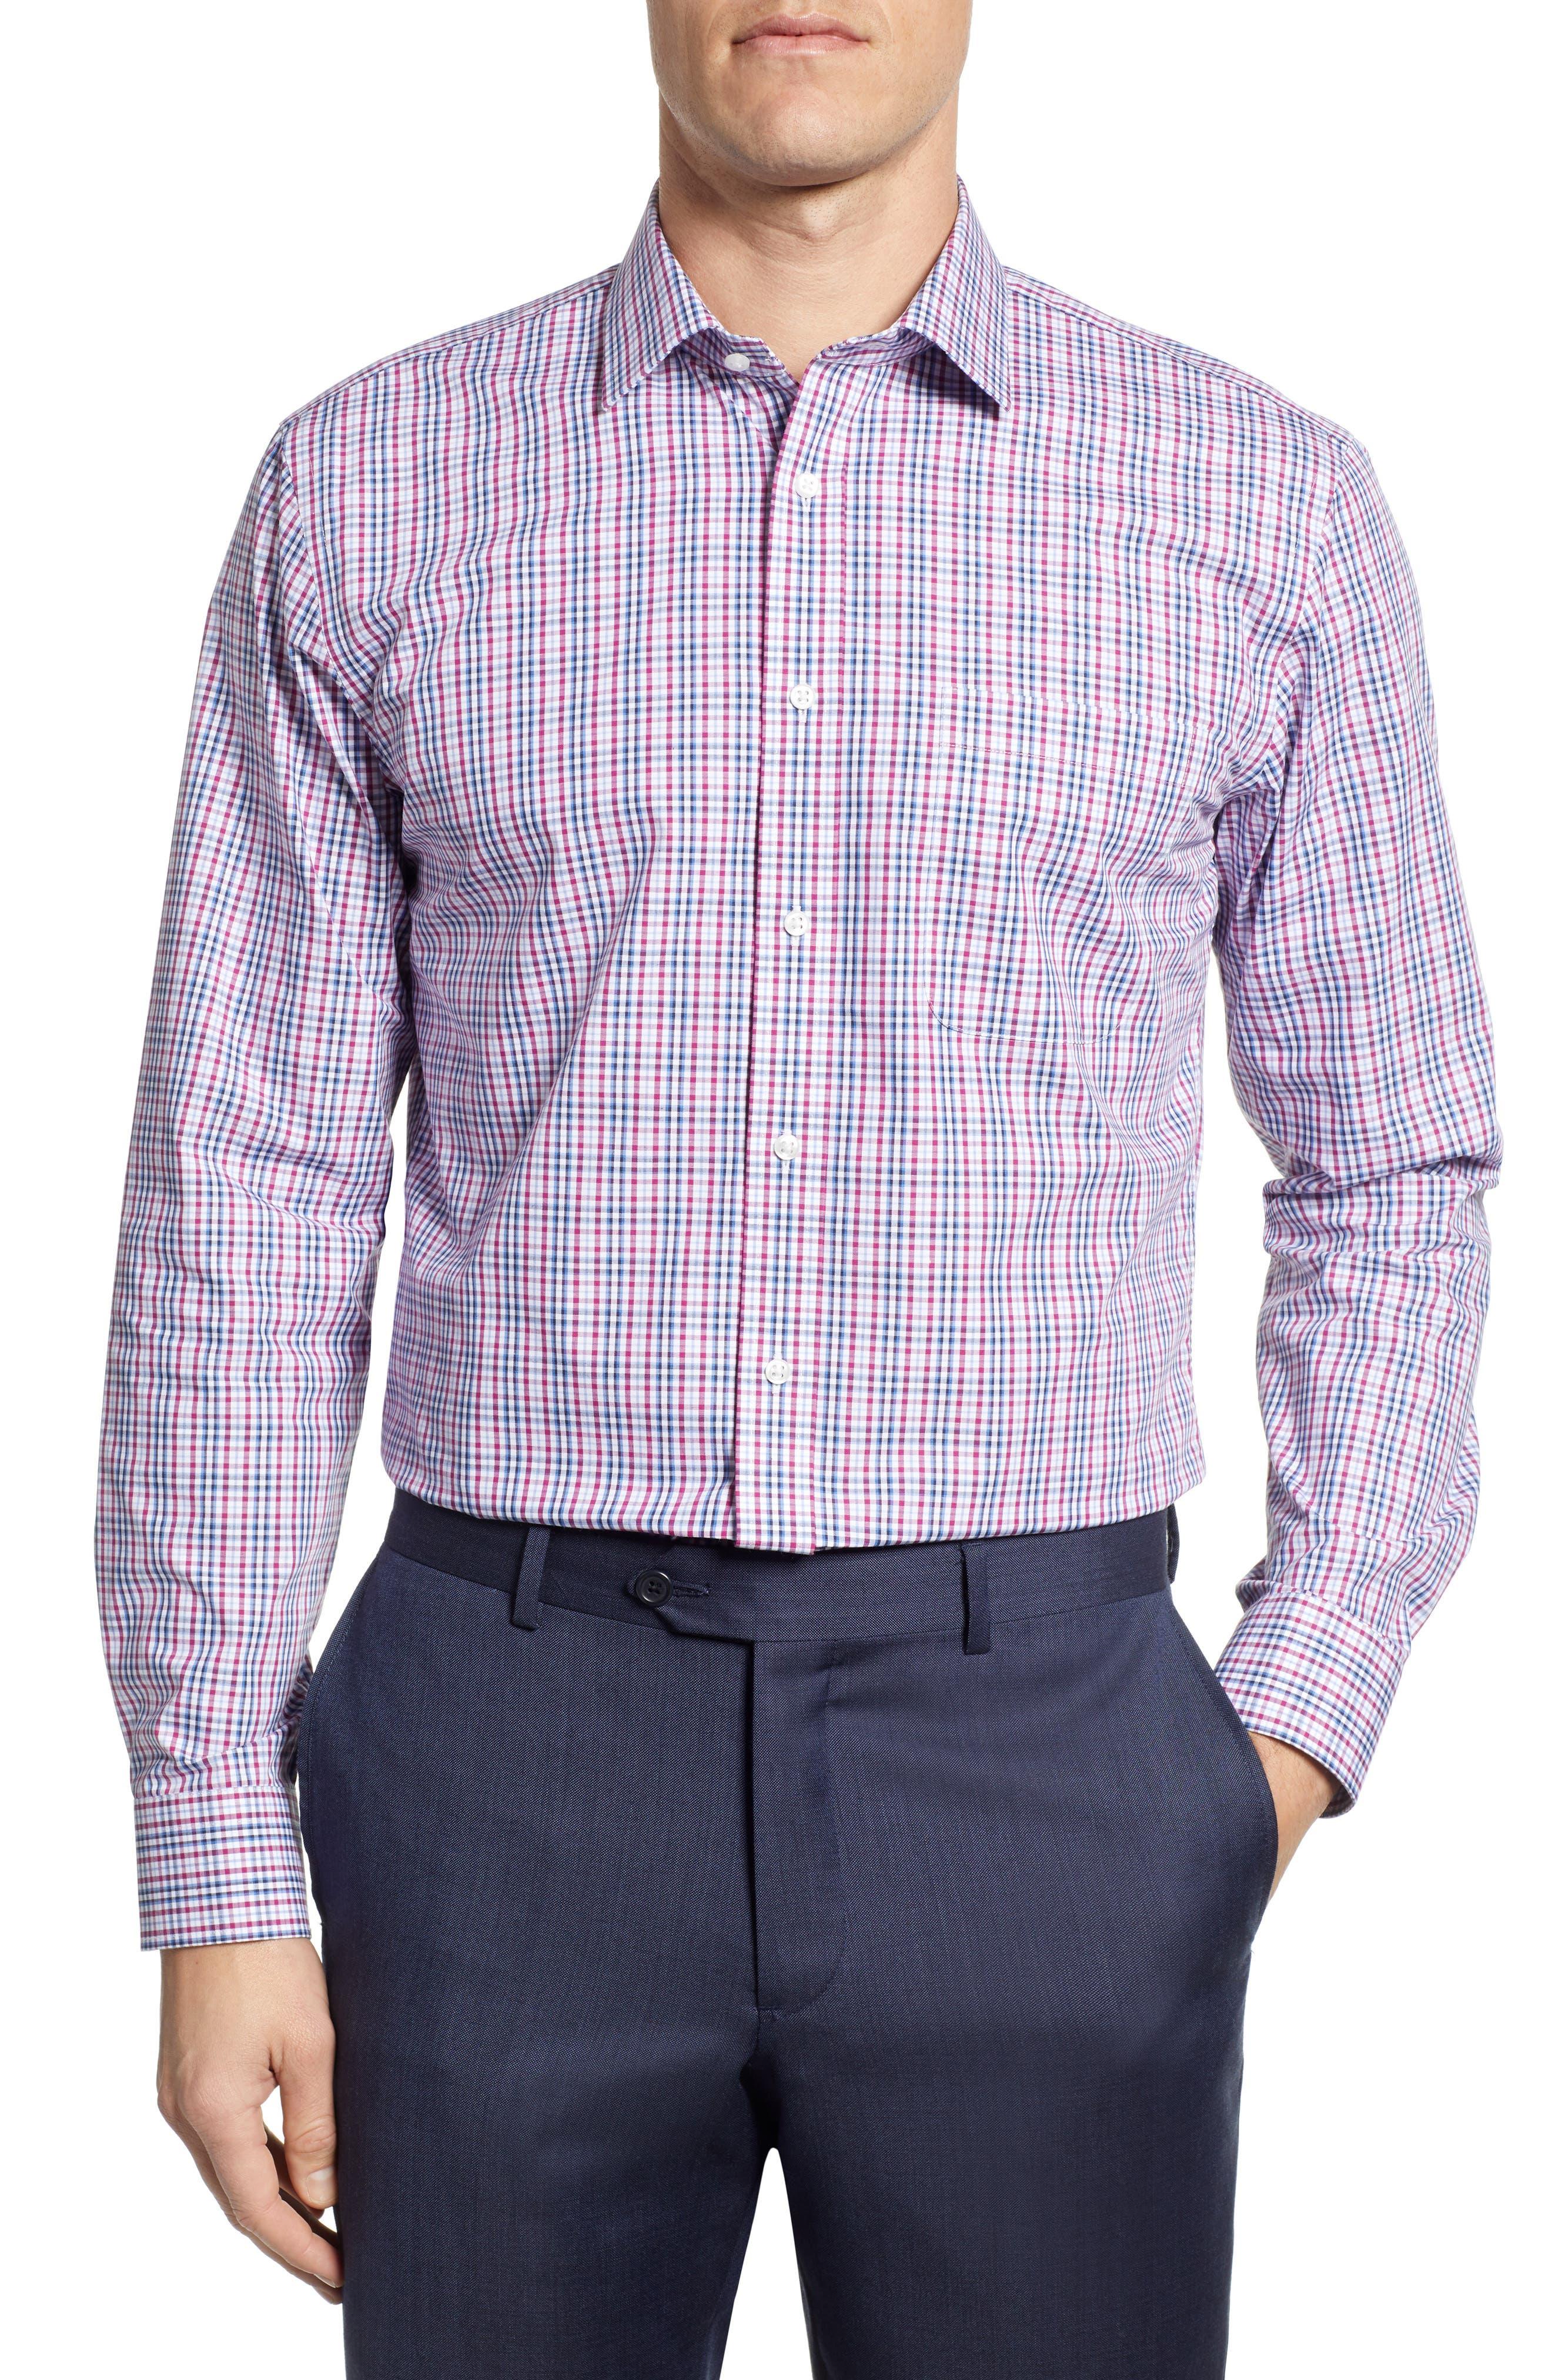 NORDSTROM MEN'S SHOP Non-Iron Trim Fit Plaid Dress Shirt, Main, color, PURPLE BOYSEN